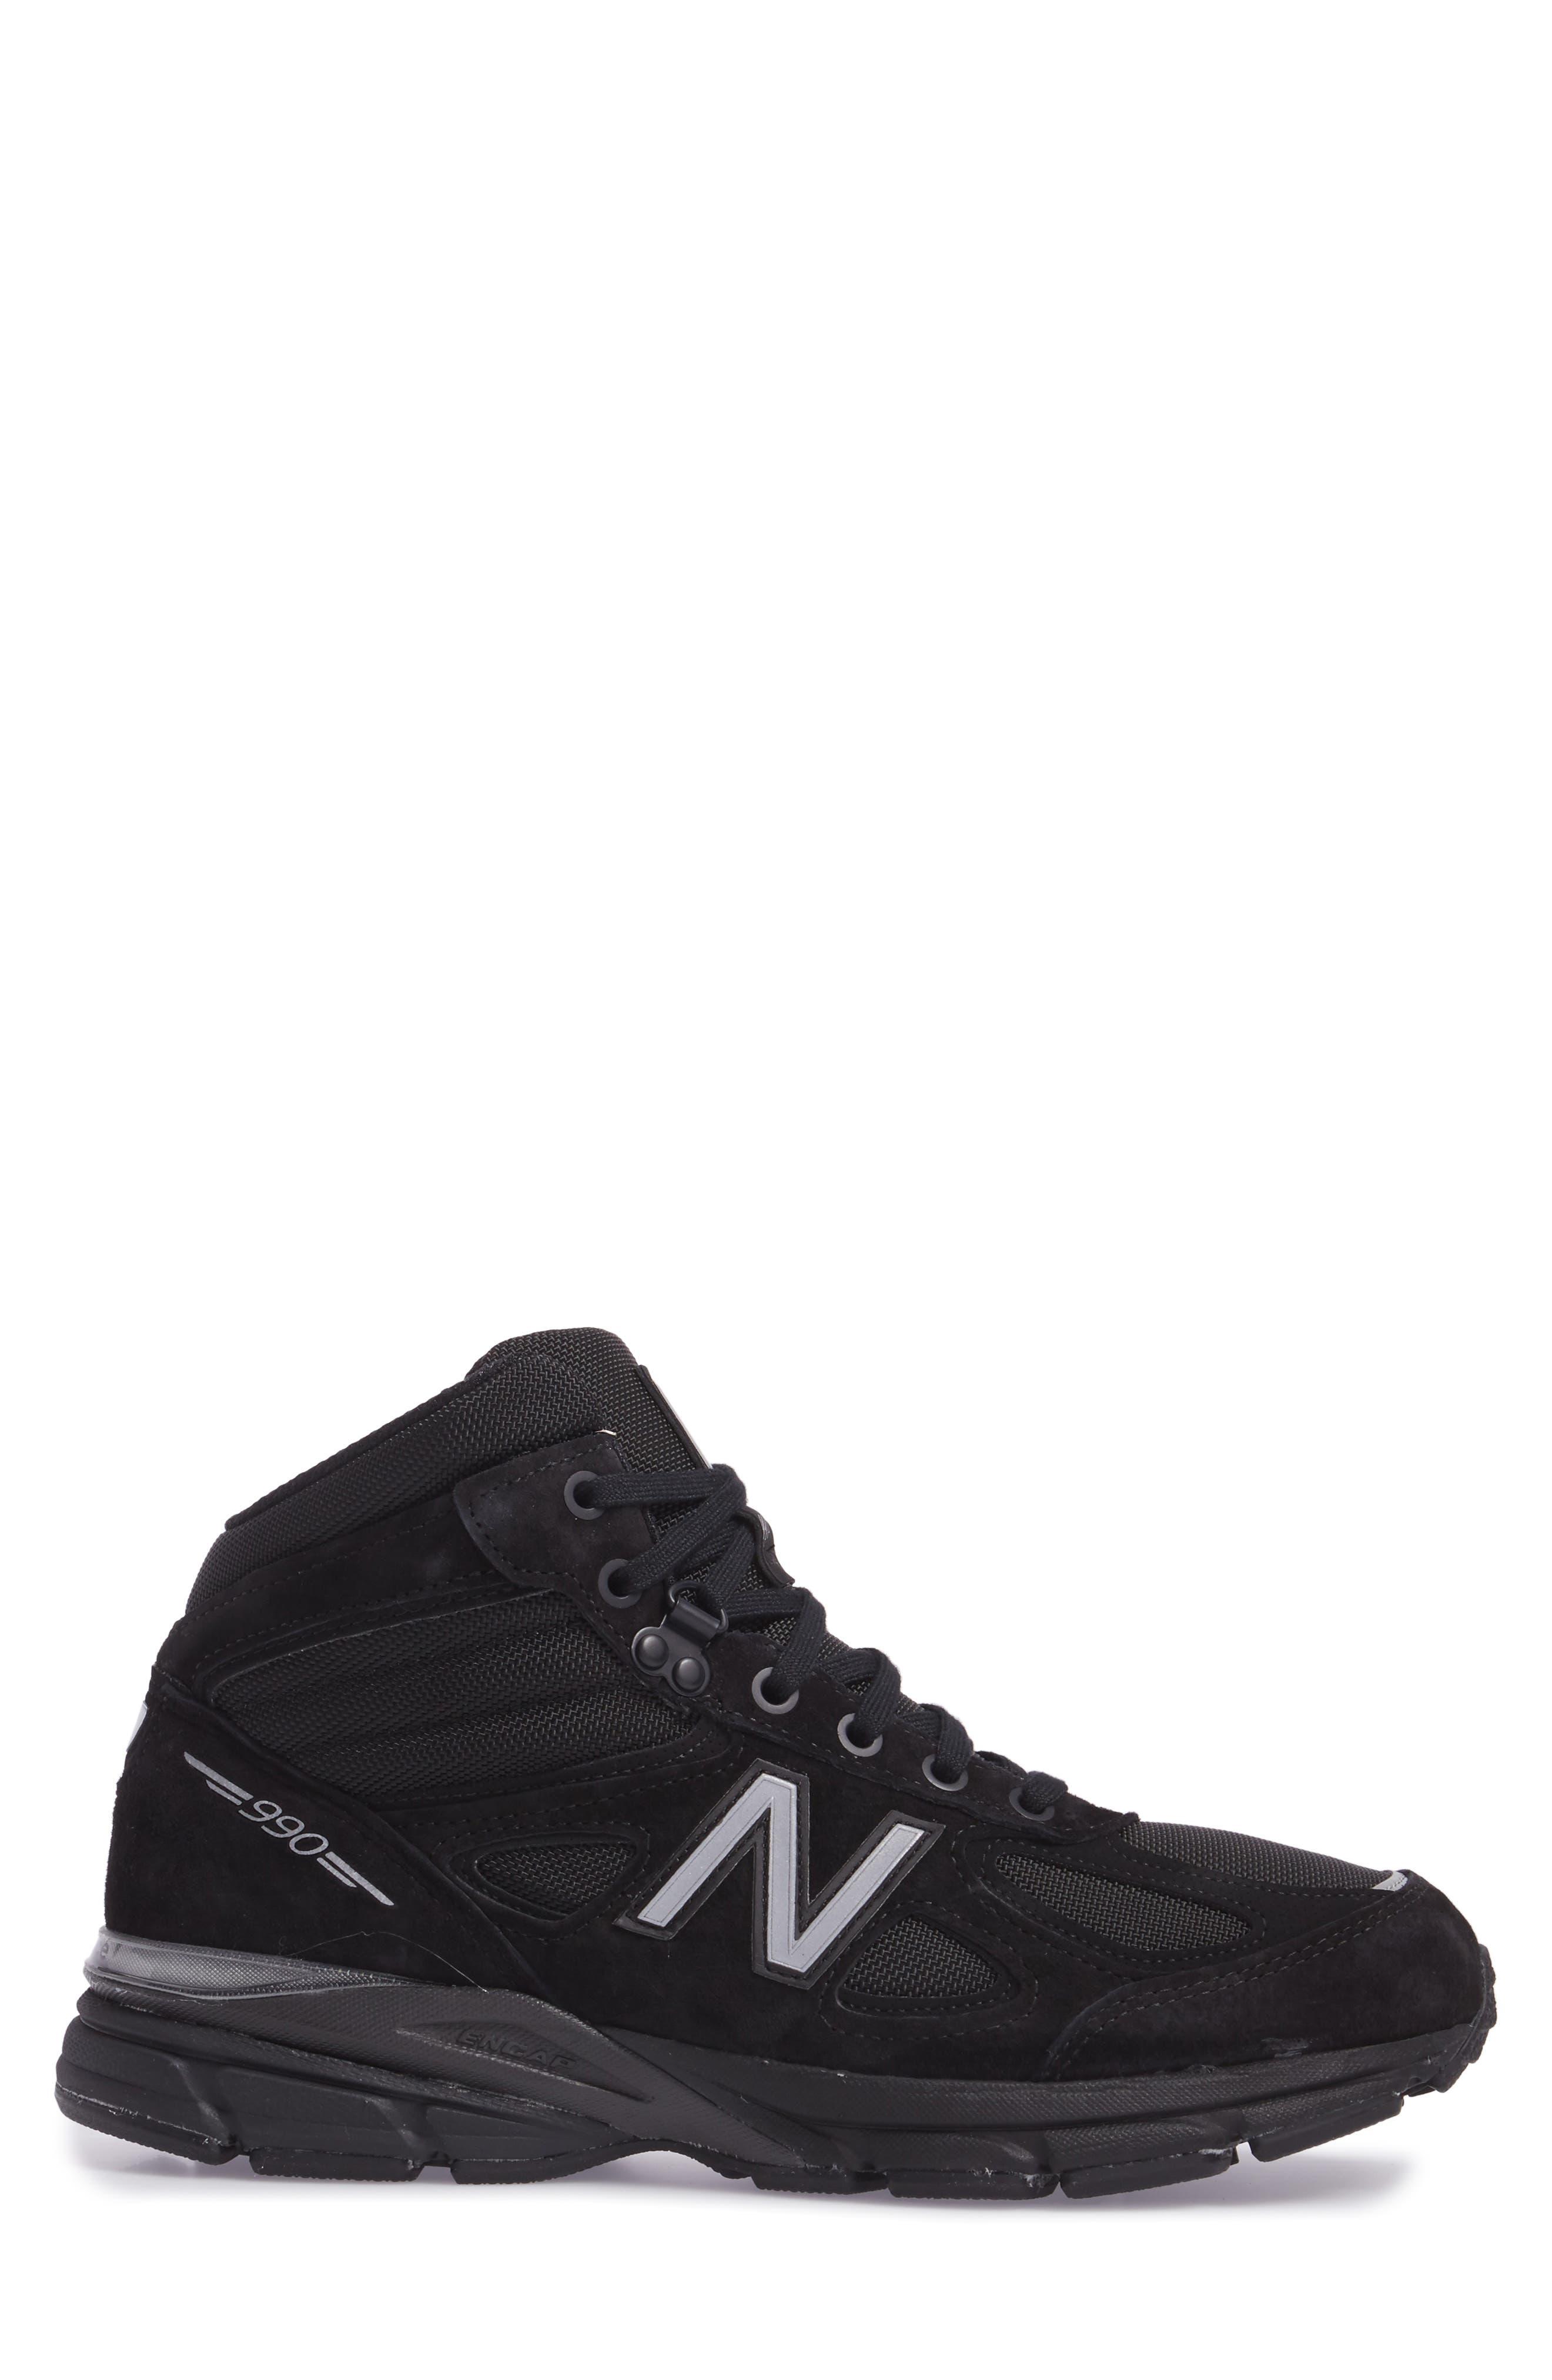 Alternate Image 3  - New Balance 990v4 Water Resistant Sneaker Boot (Men)